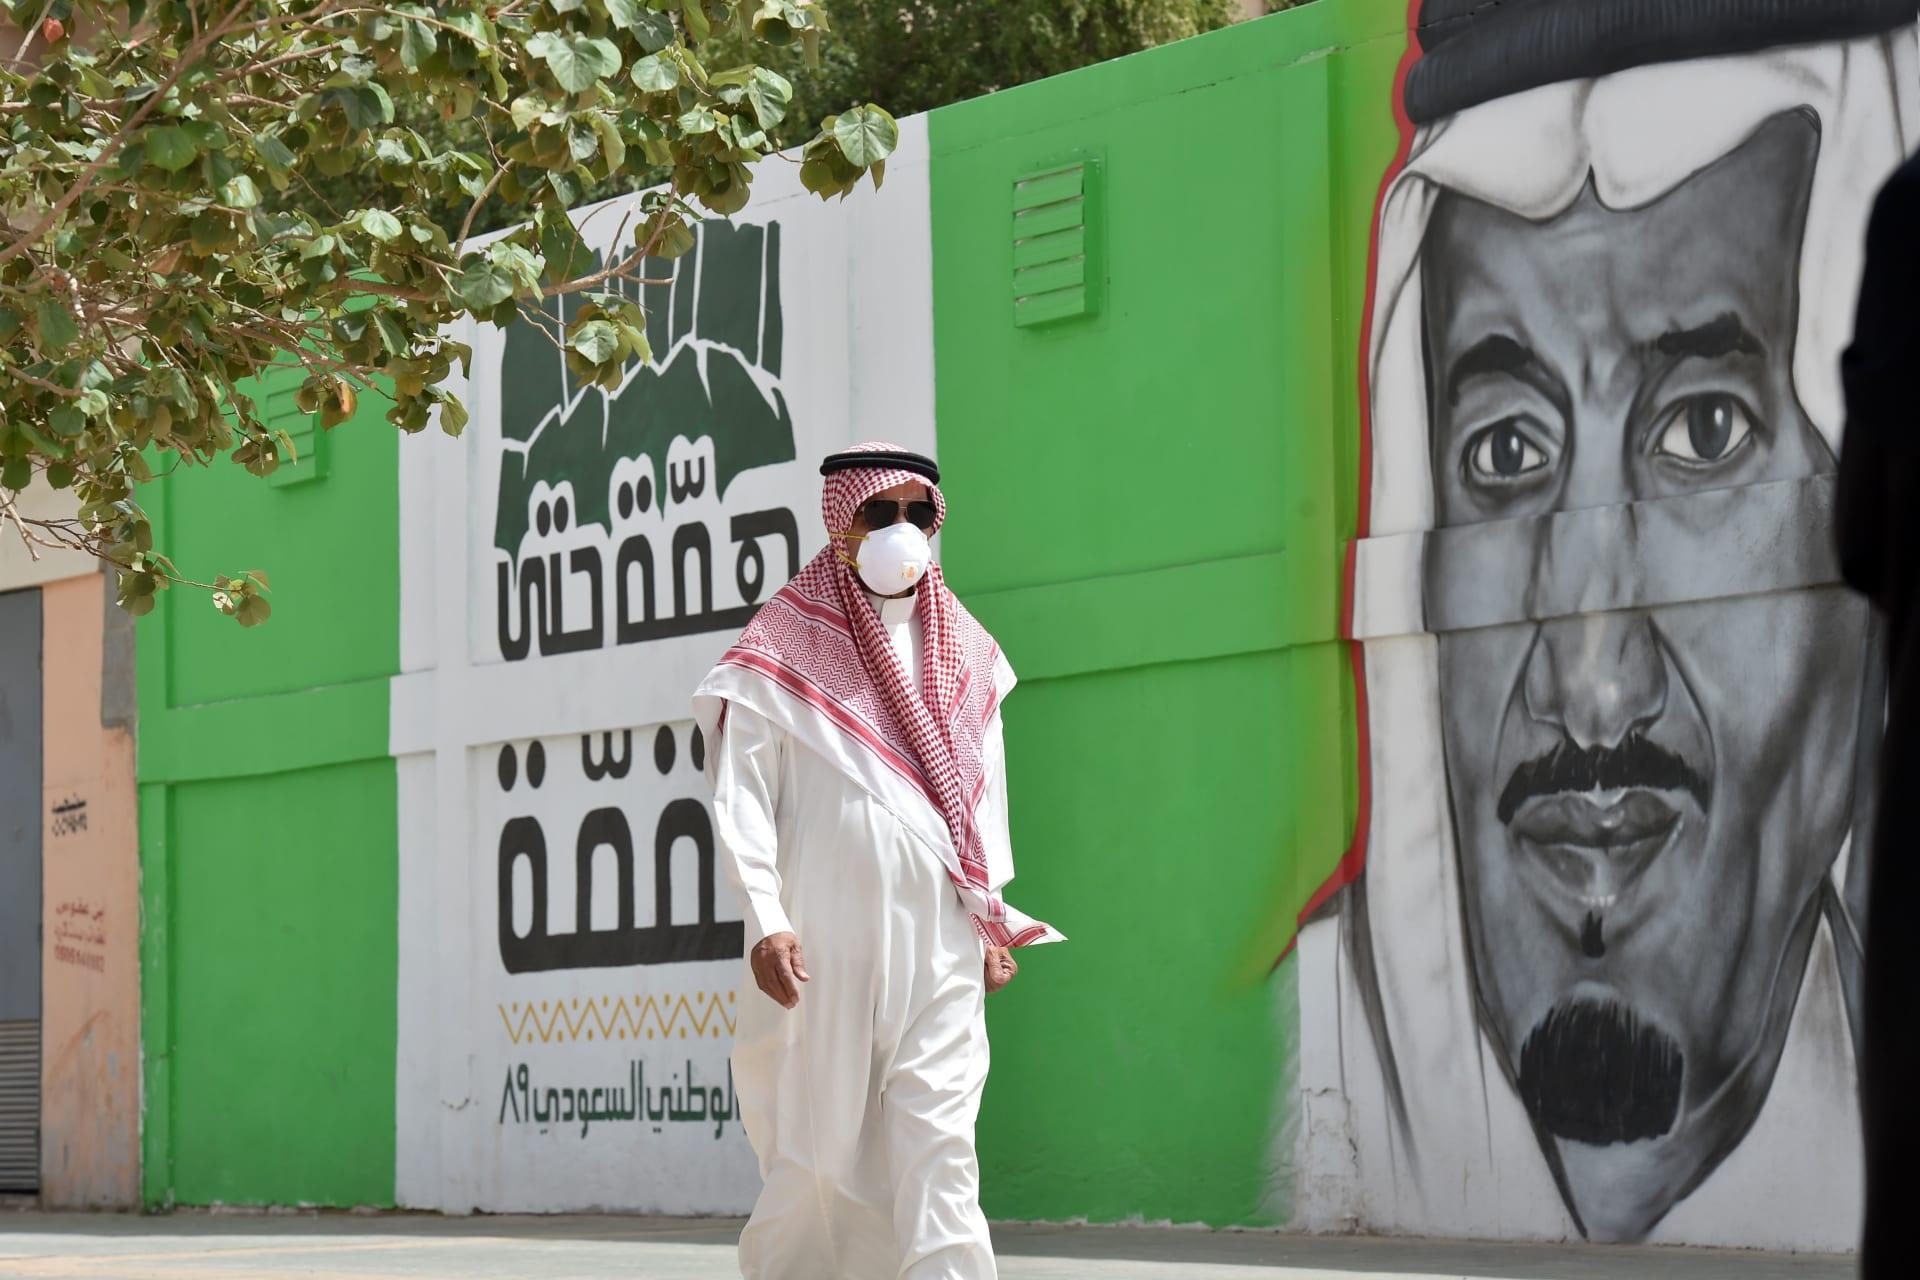 الصحة السعودية تنفي طلب منع التجول.. والتعليم: اختبارات المدارس عن بُعد